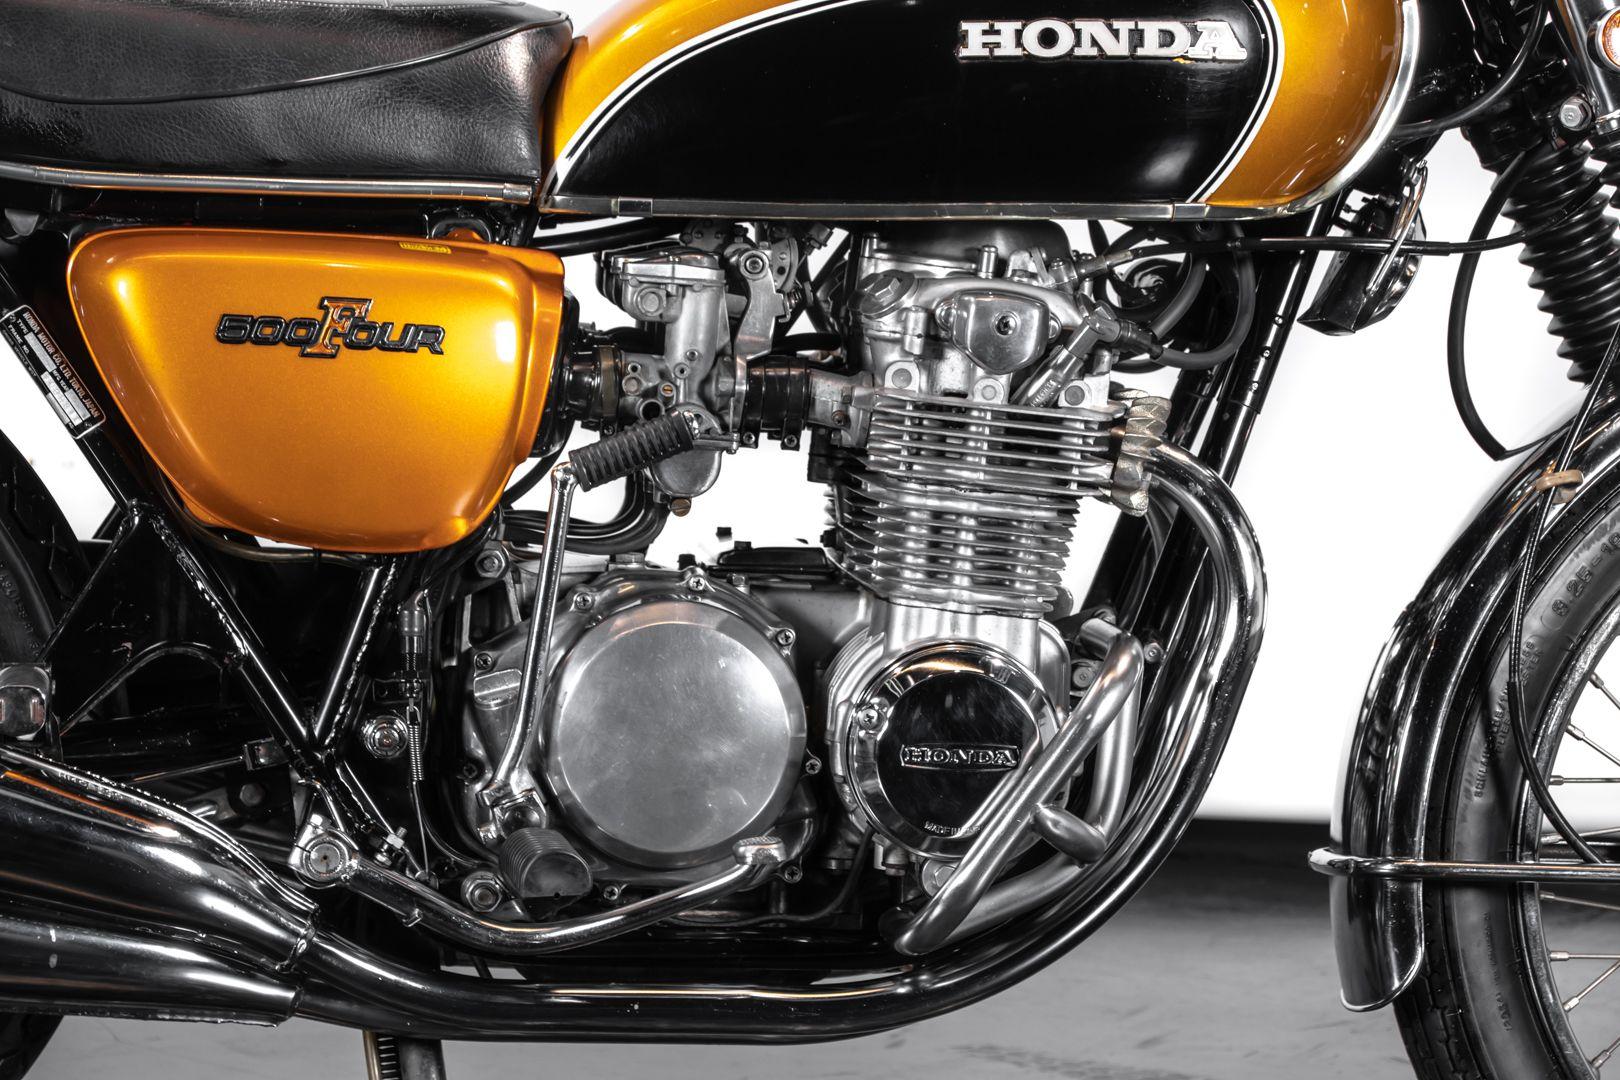 1972 Honda CB 500 Four 77625